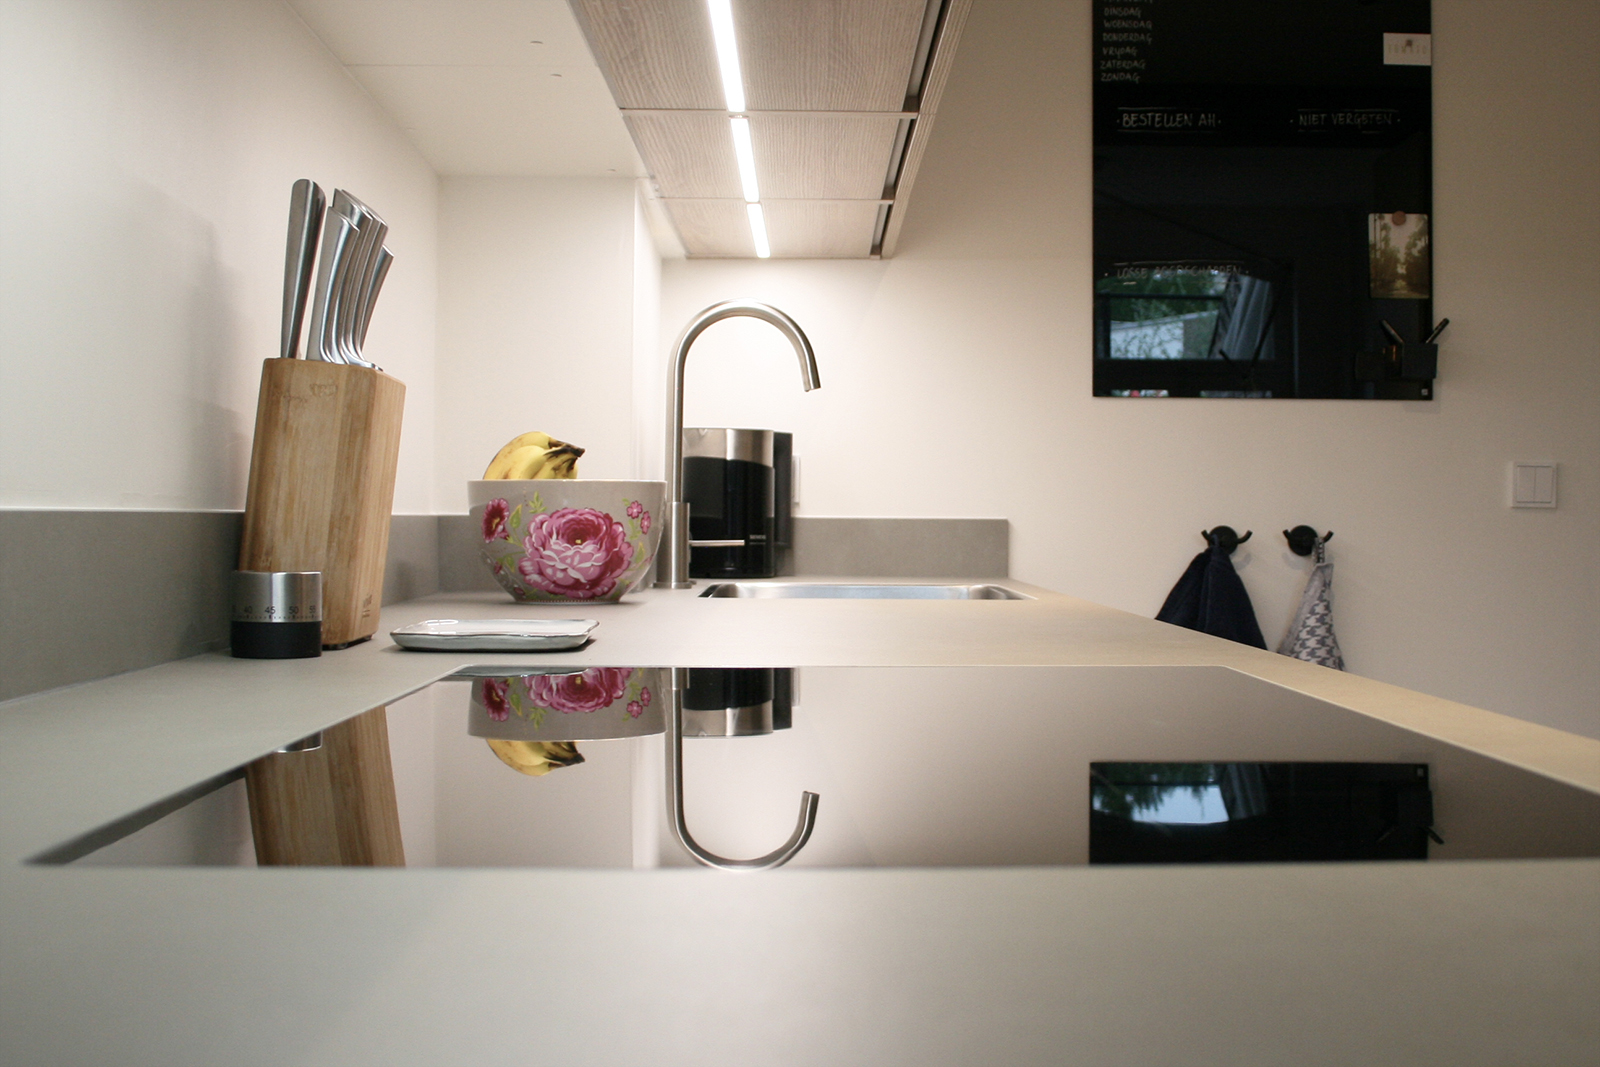 Keuken Design Maastricht : Luxe keukens op maat al dente keukens maastricht